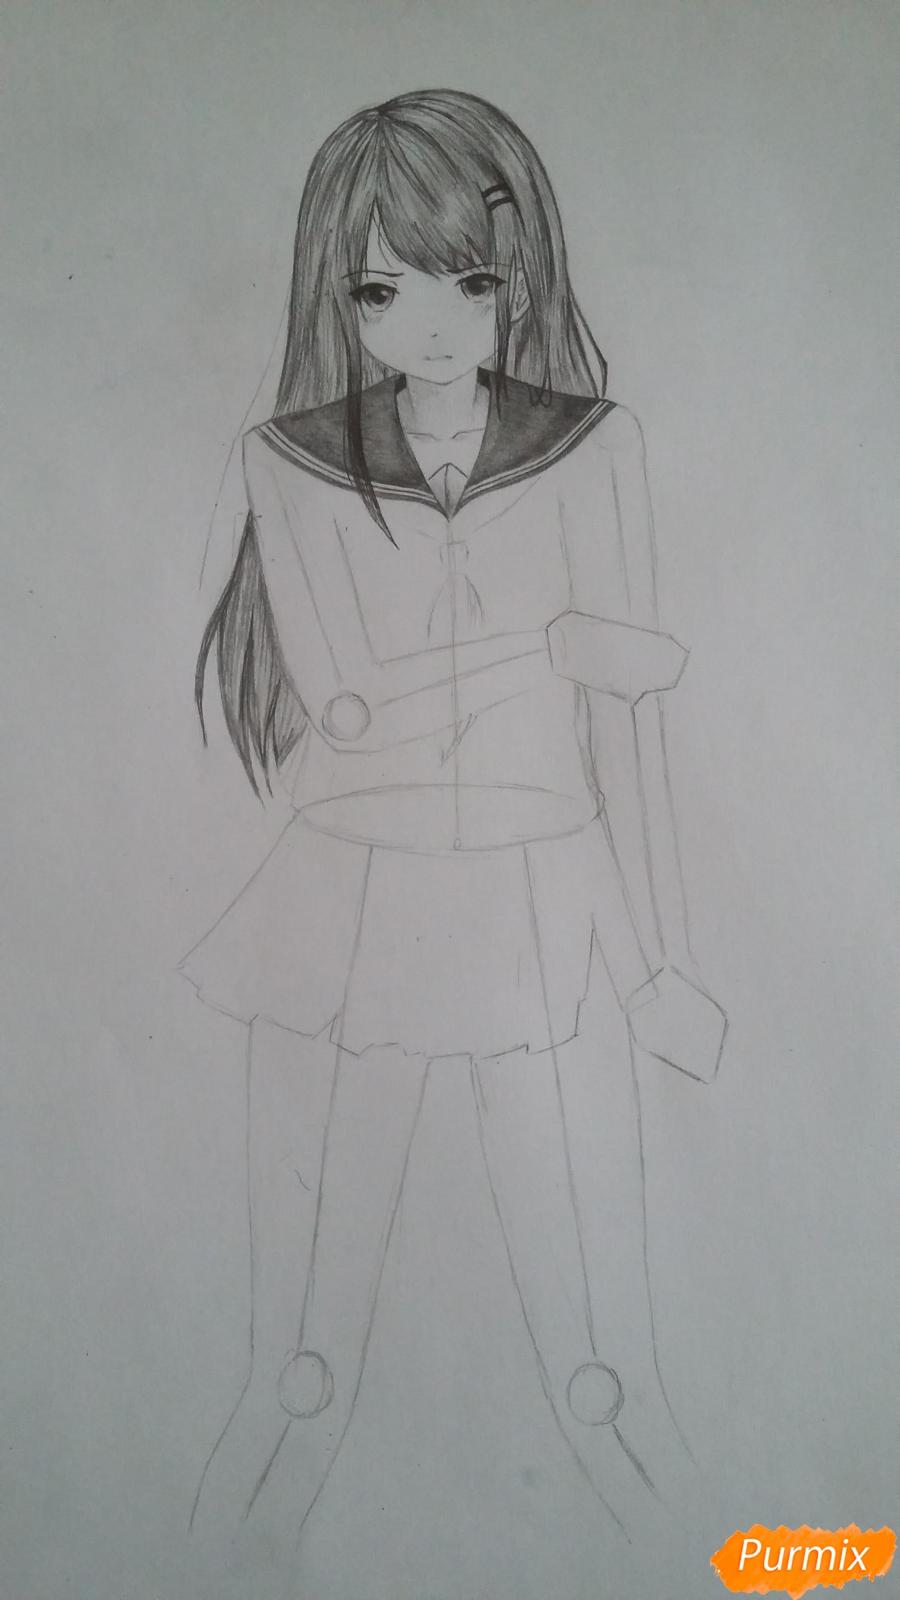 Рисуем девушку с катаной в аниме стиле - шаг 7